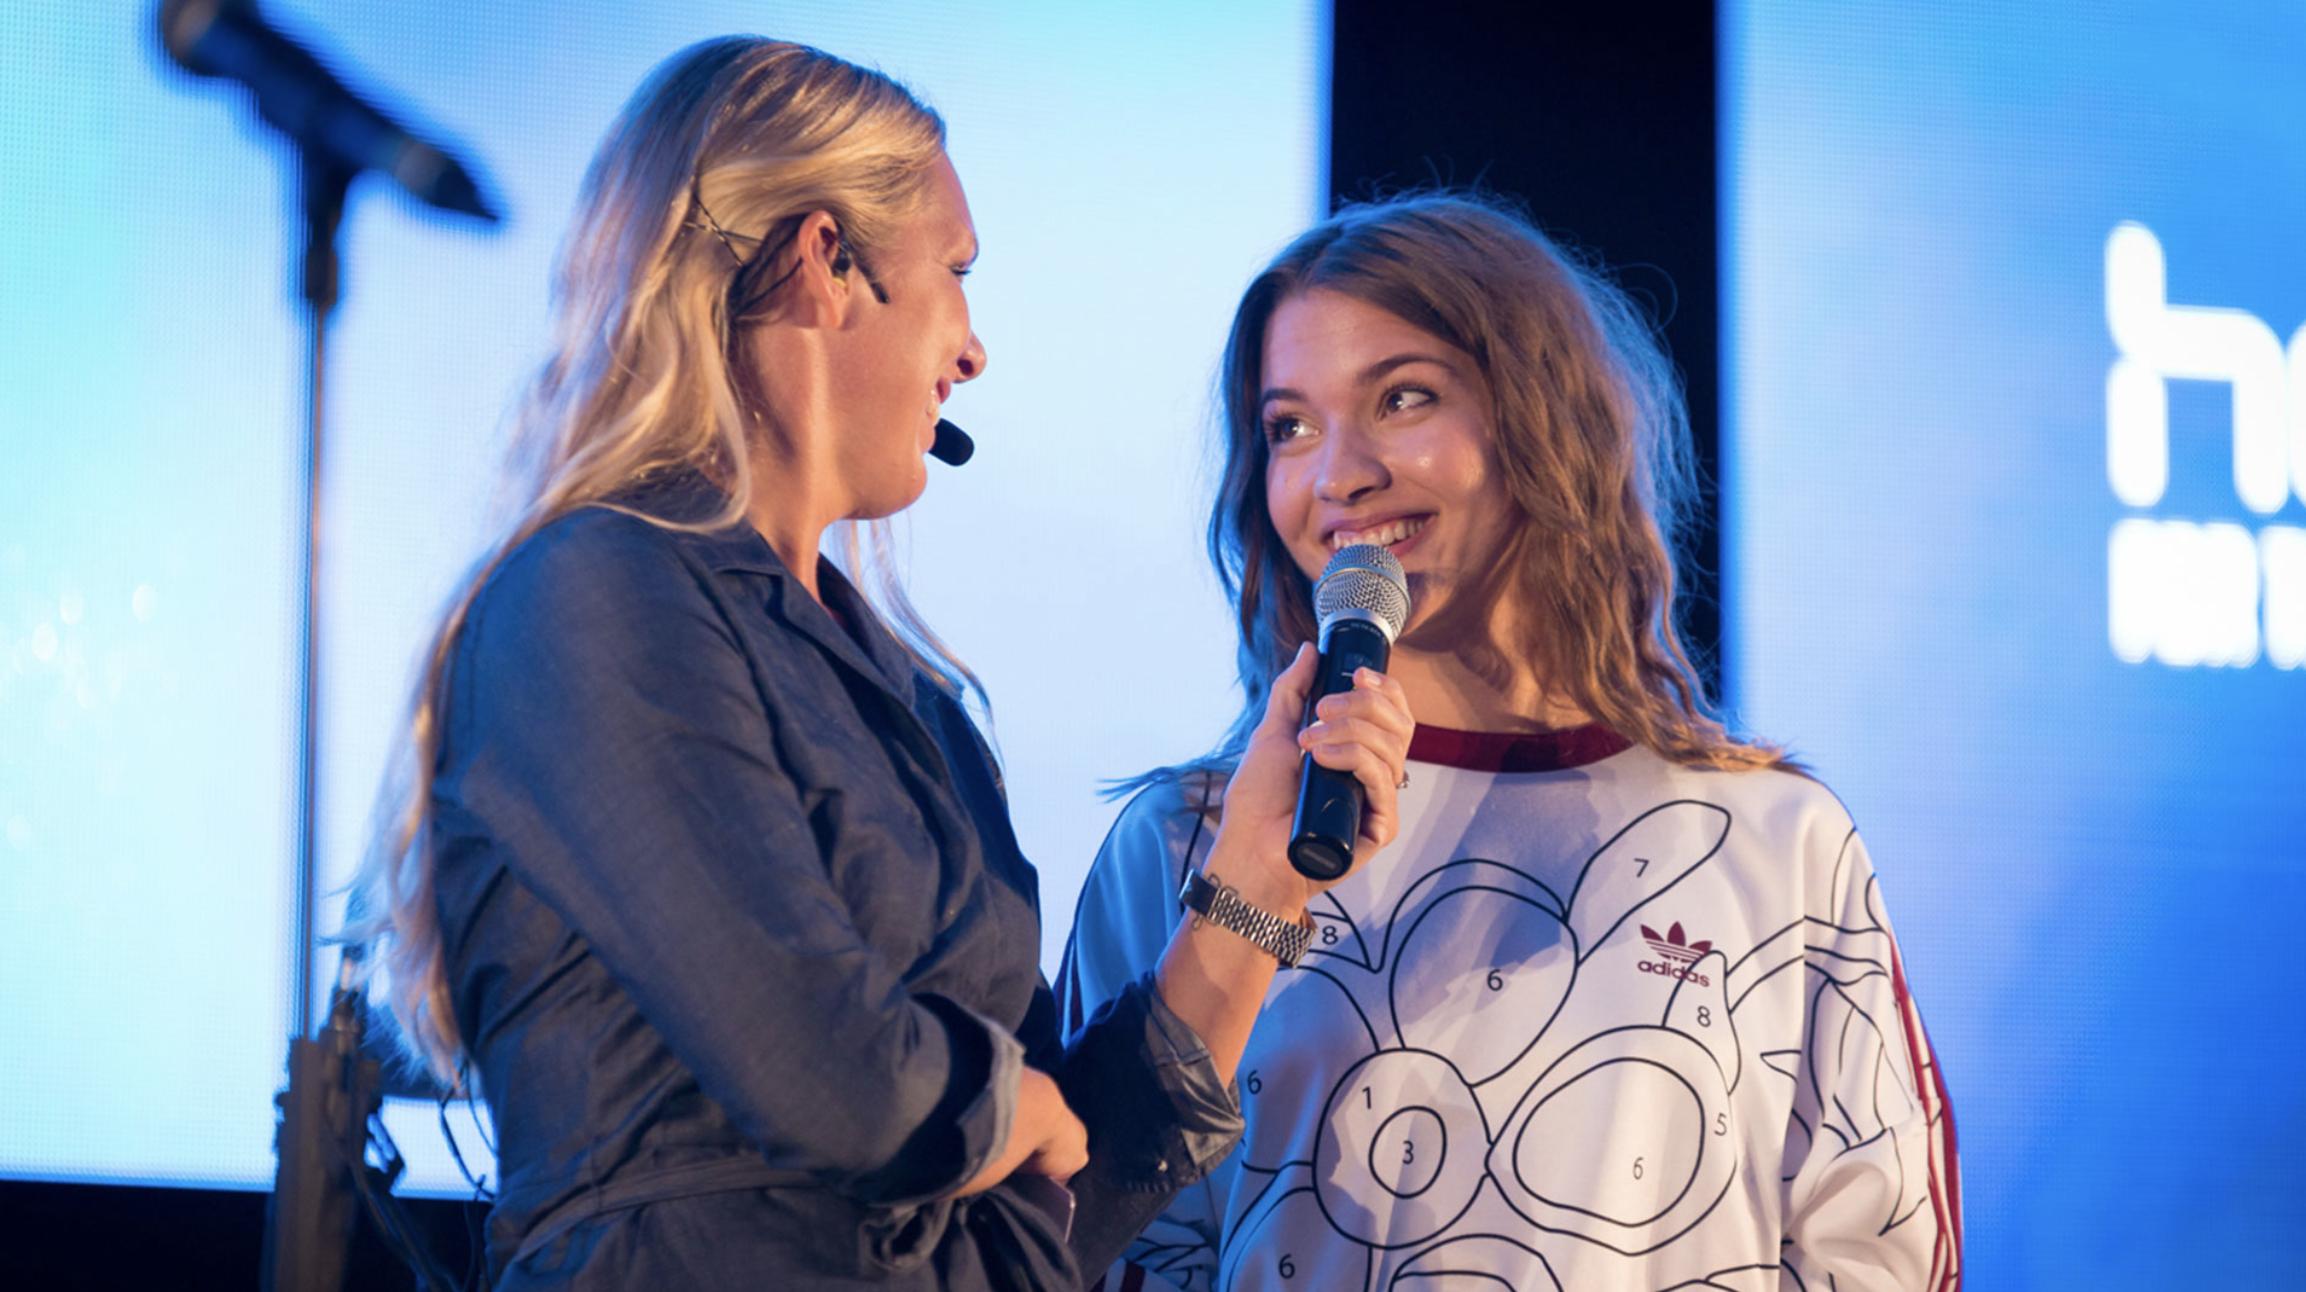 Conferencier Anna Brolin interviewing